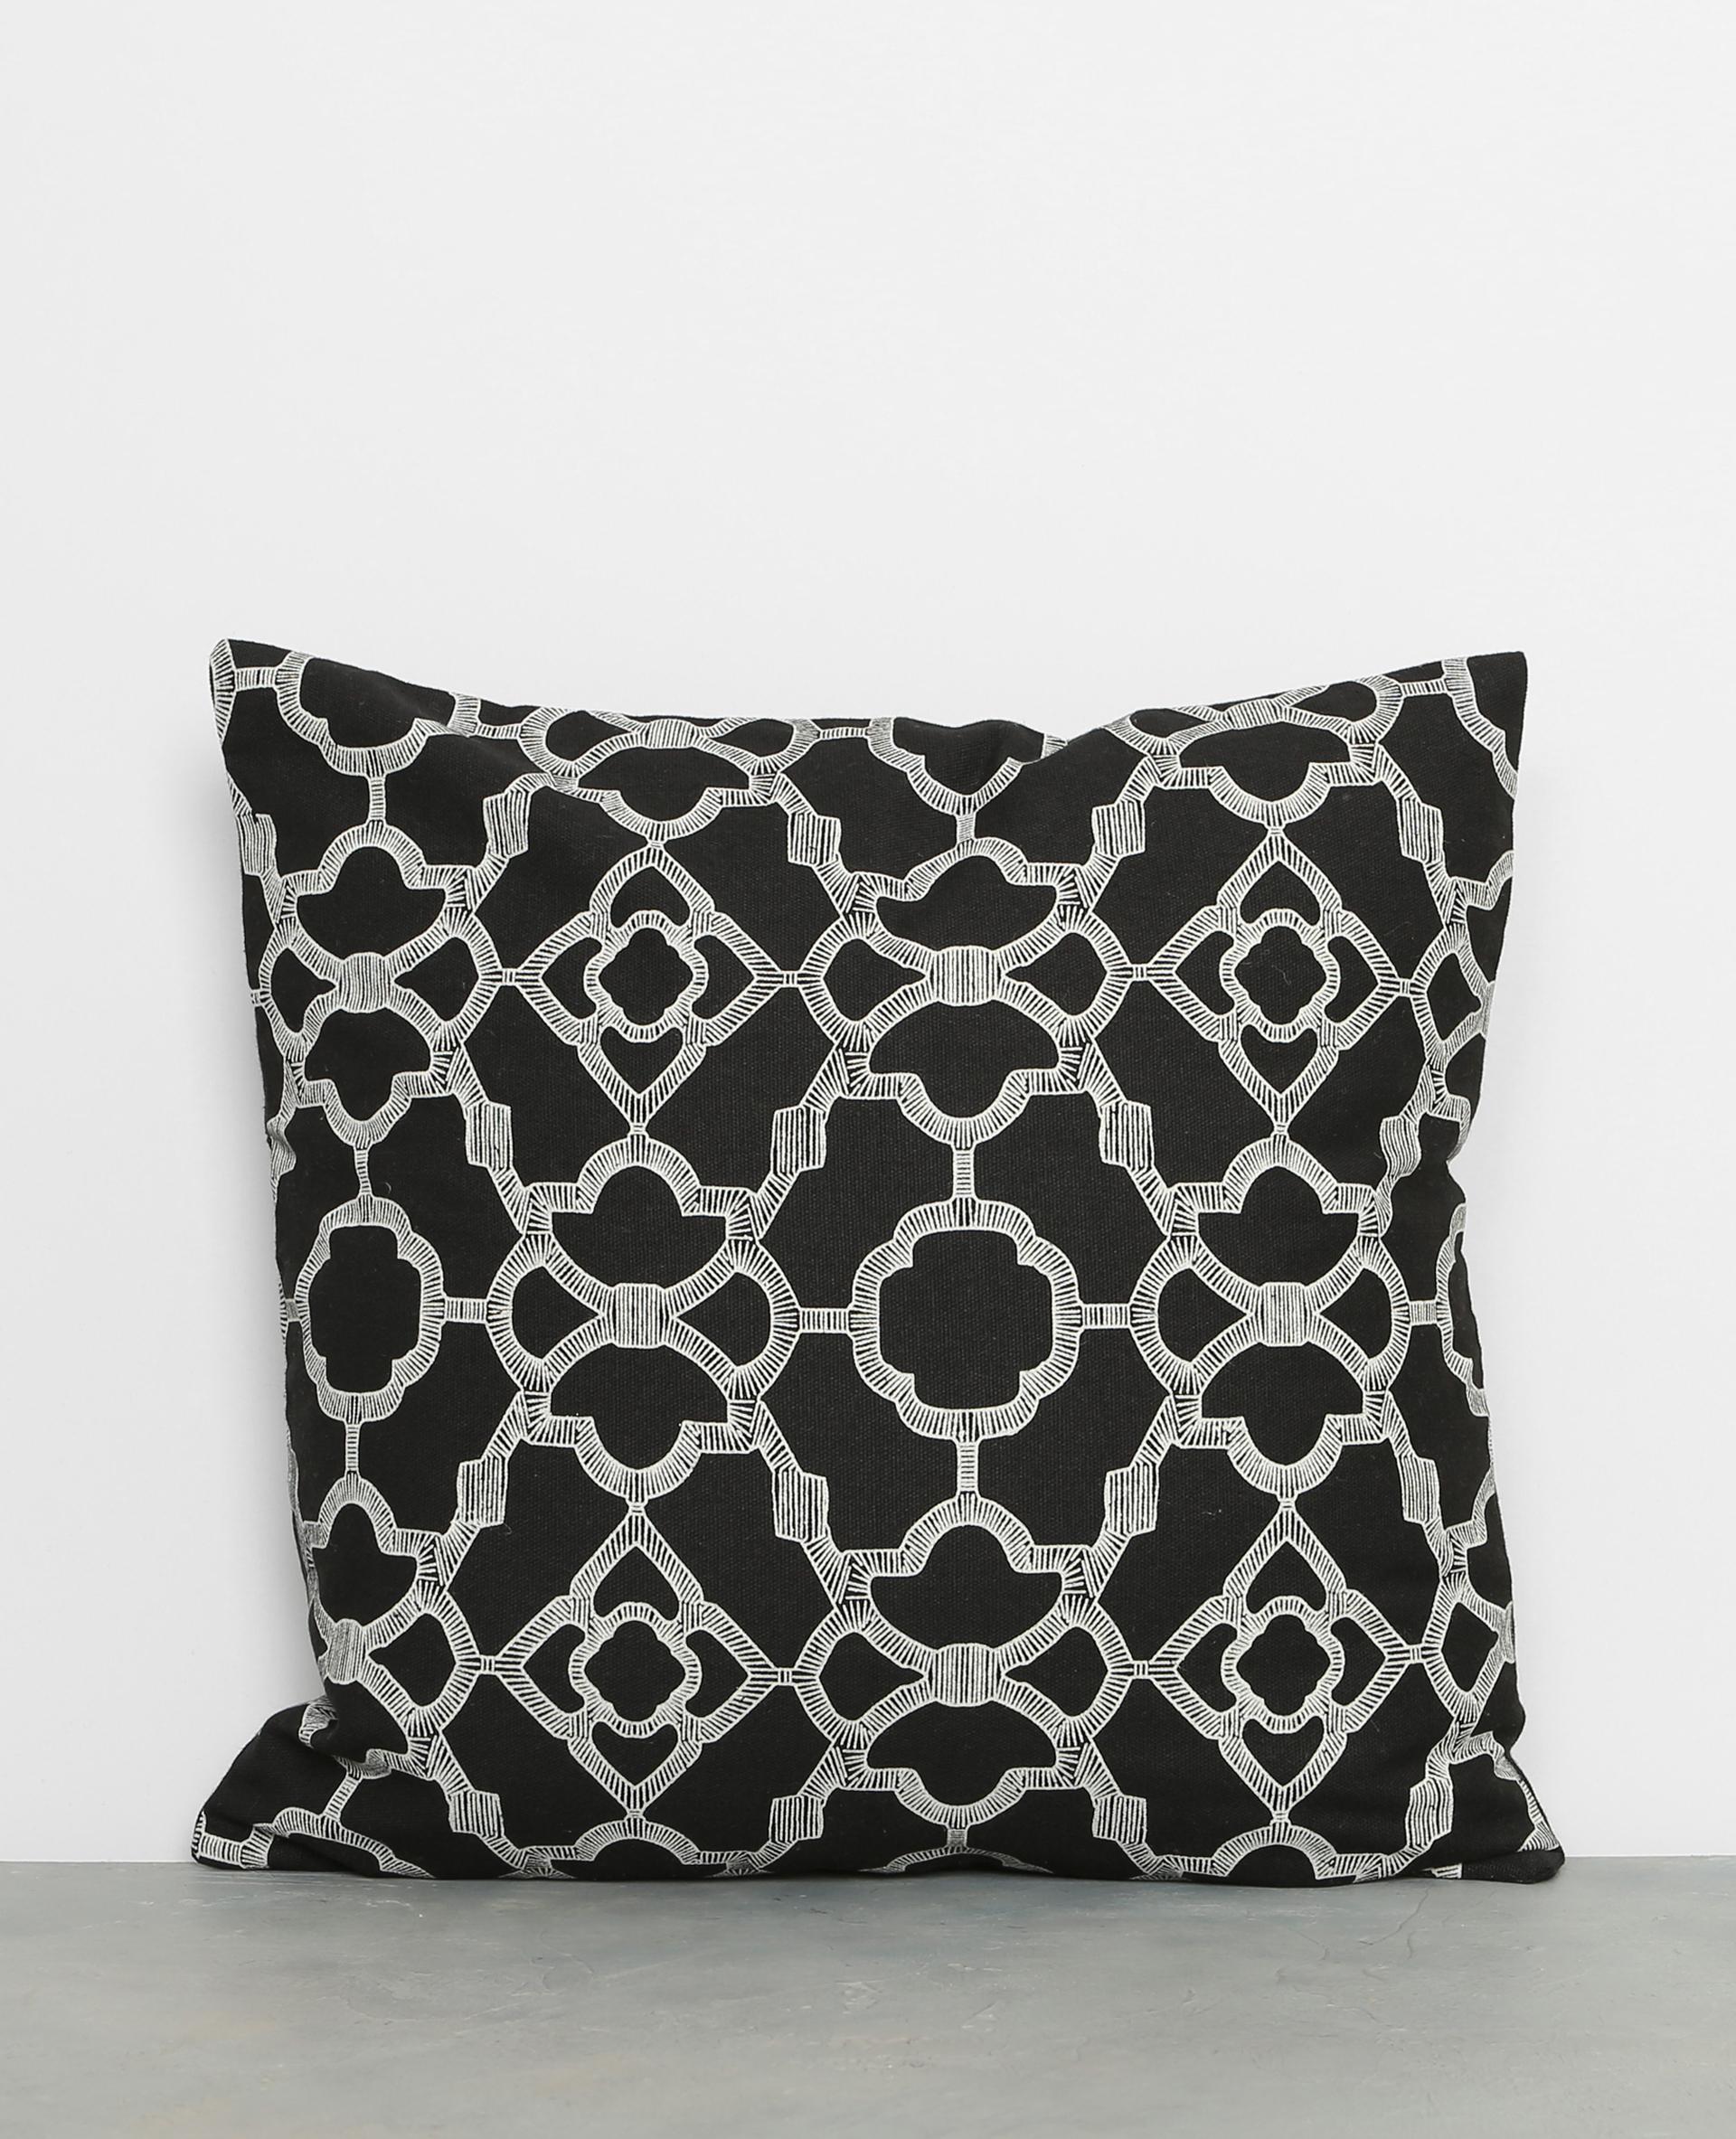 housse de coussin arabesques noir 955034899i07 pimkie. Black Bedroom Furniture Sets. Home Design Ideas